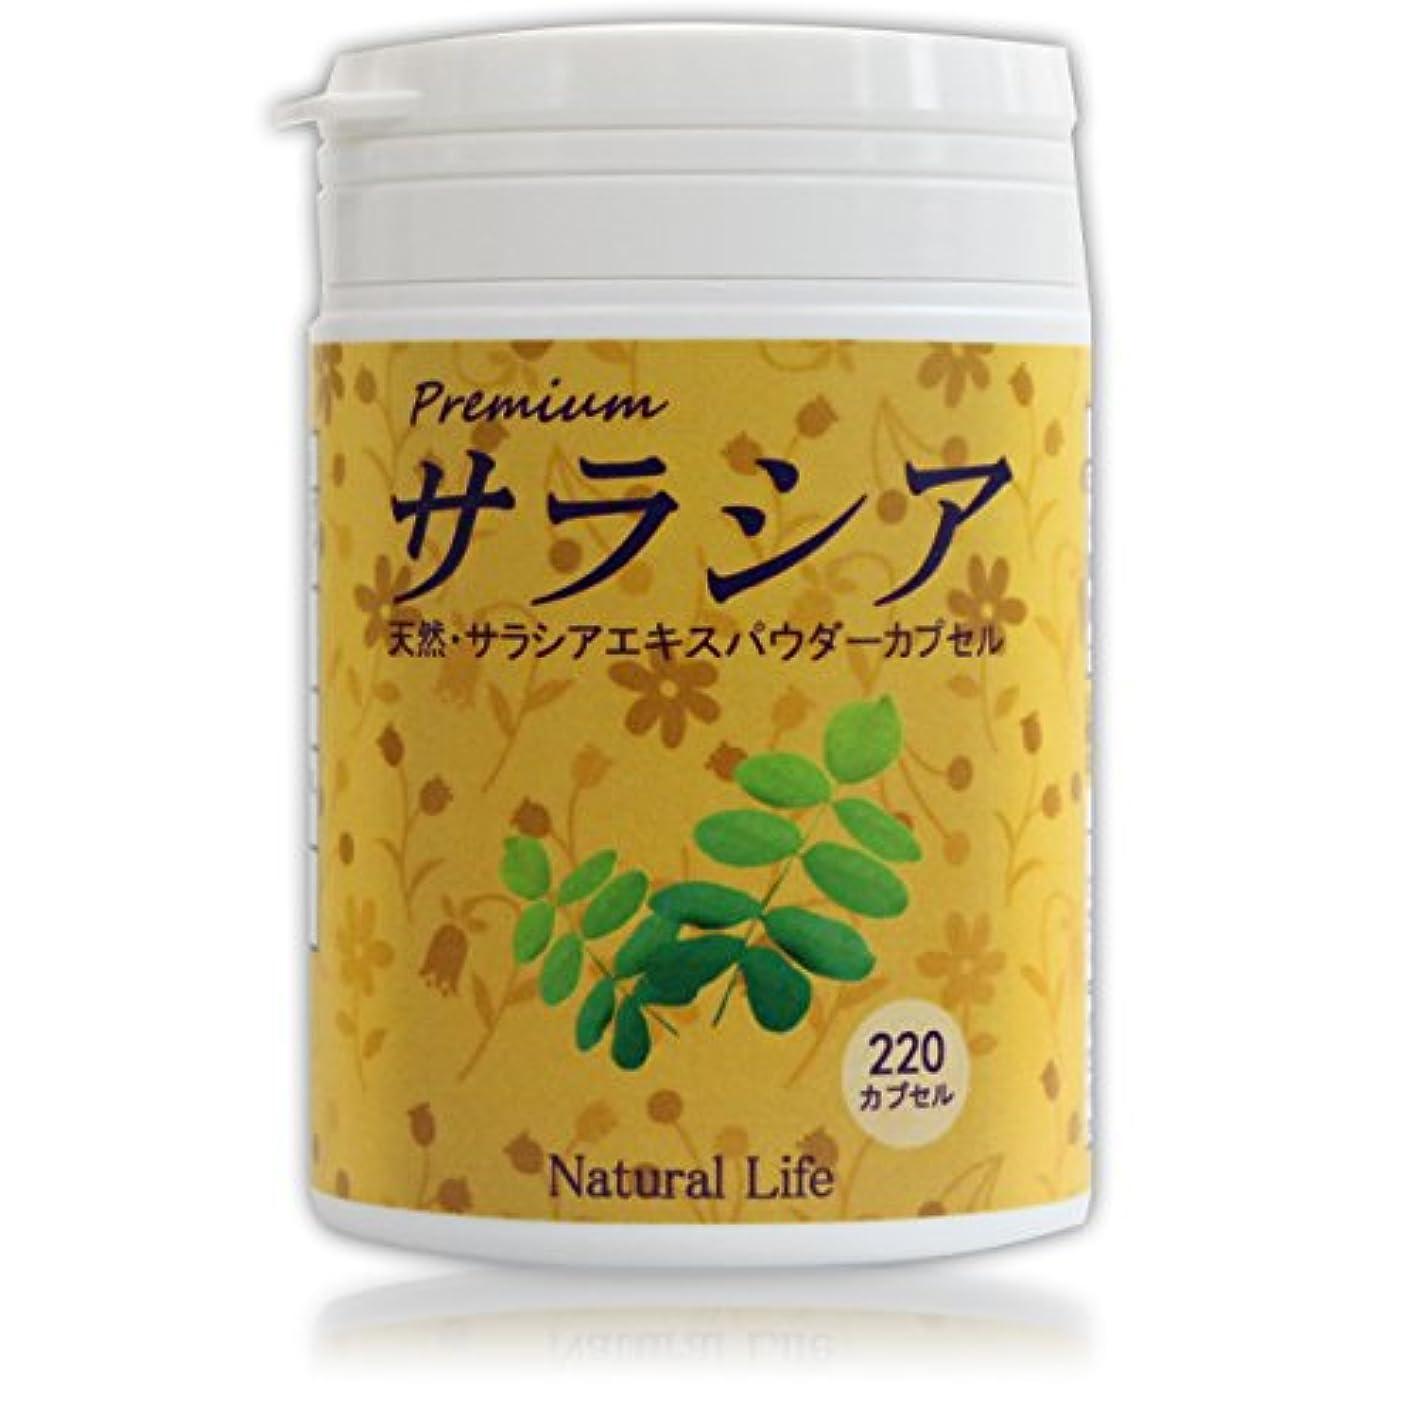 効果的に予測キャンプサラシアカプセル[220粒]天然ピュア原料(無添加) 健康食品(サラシア,さらしあ)